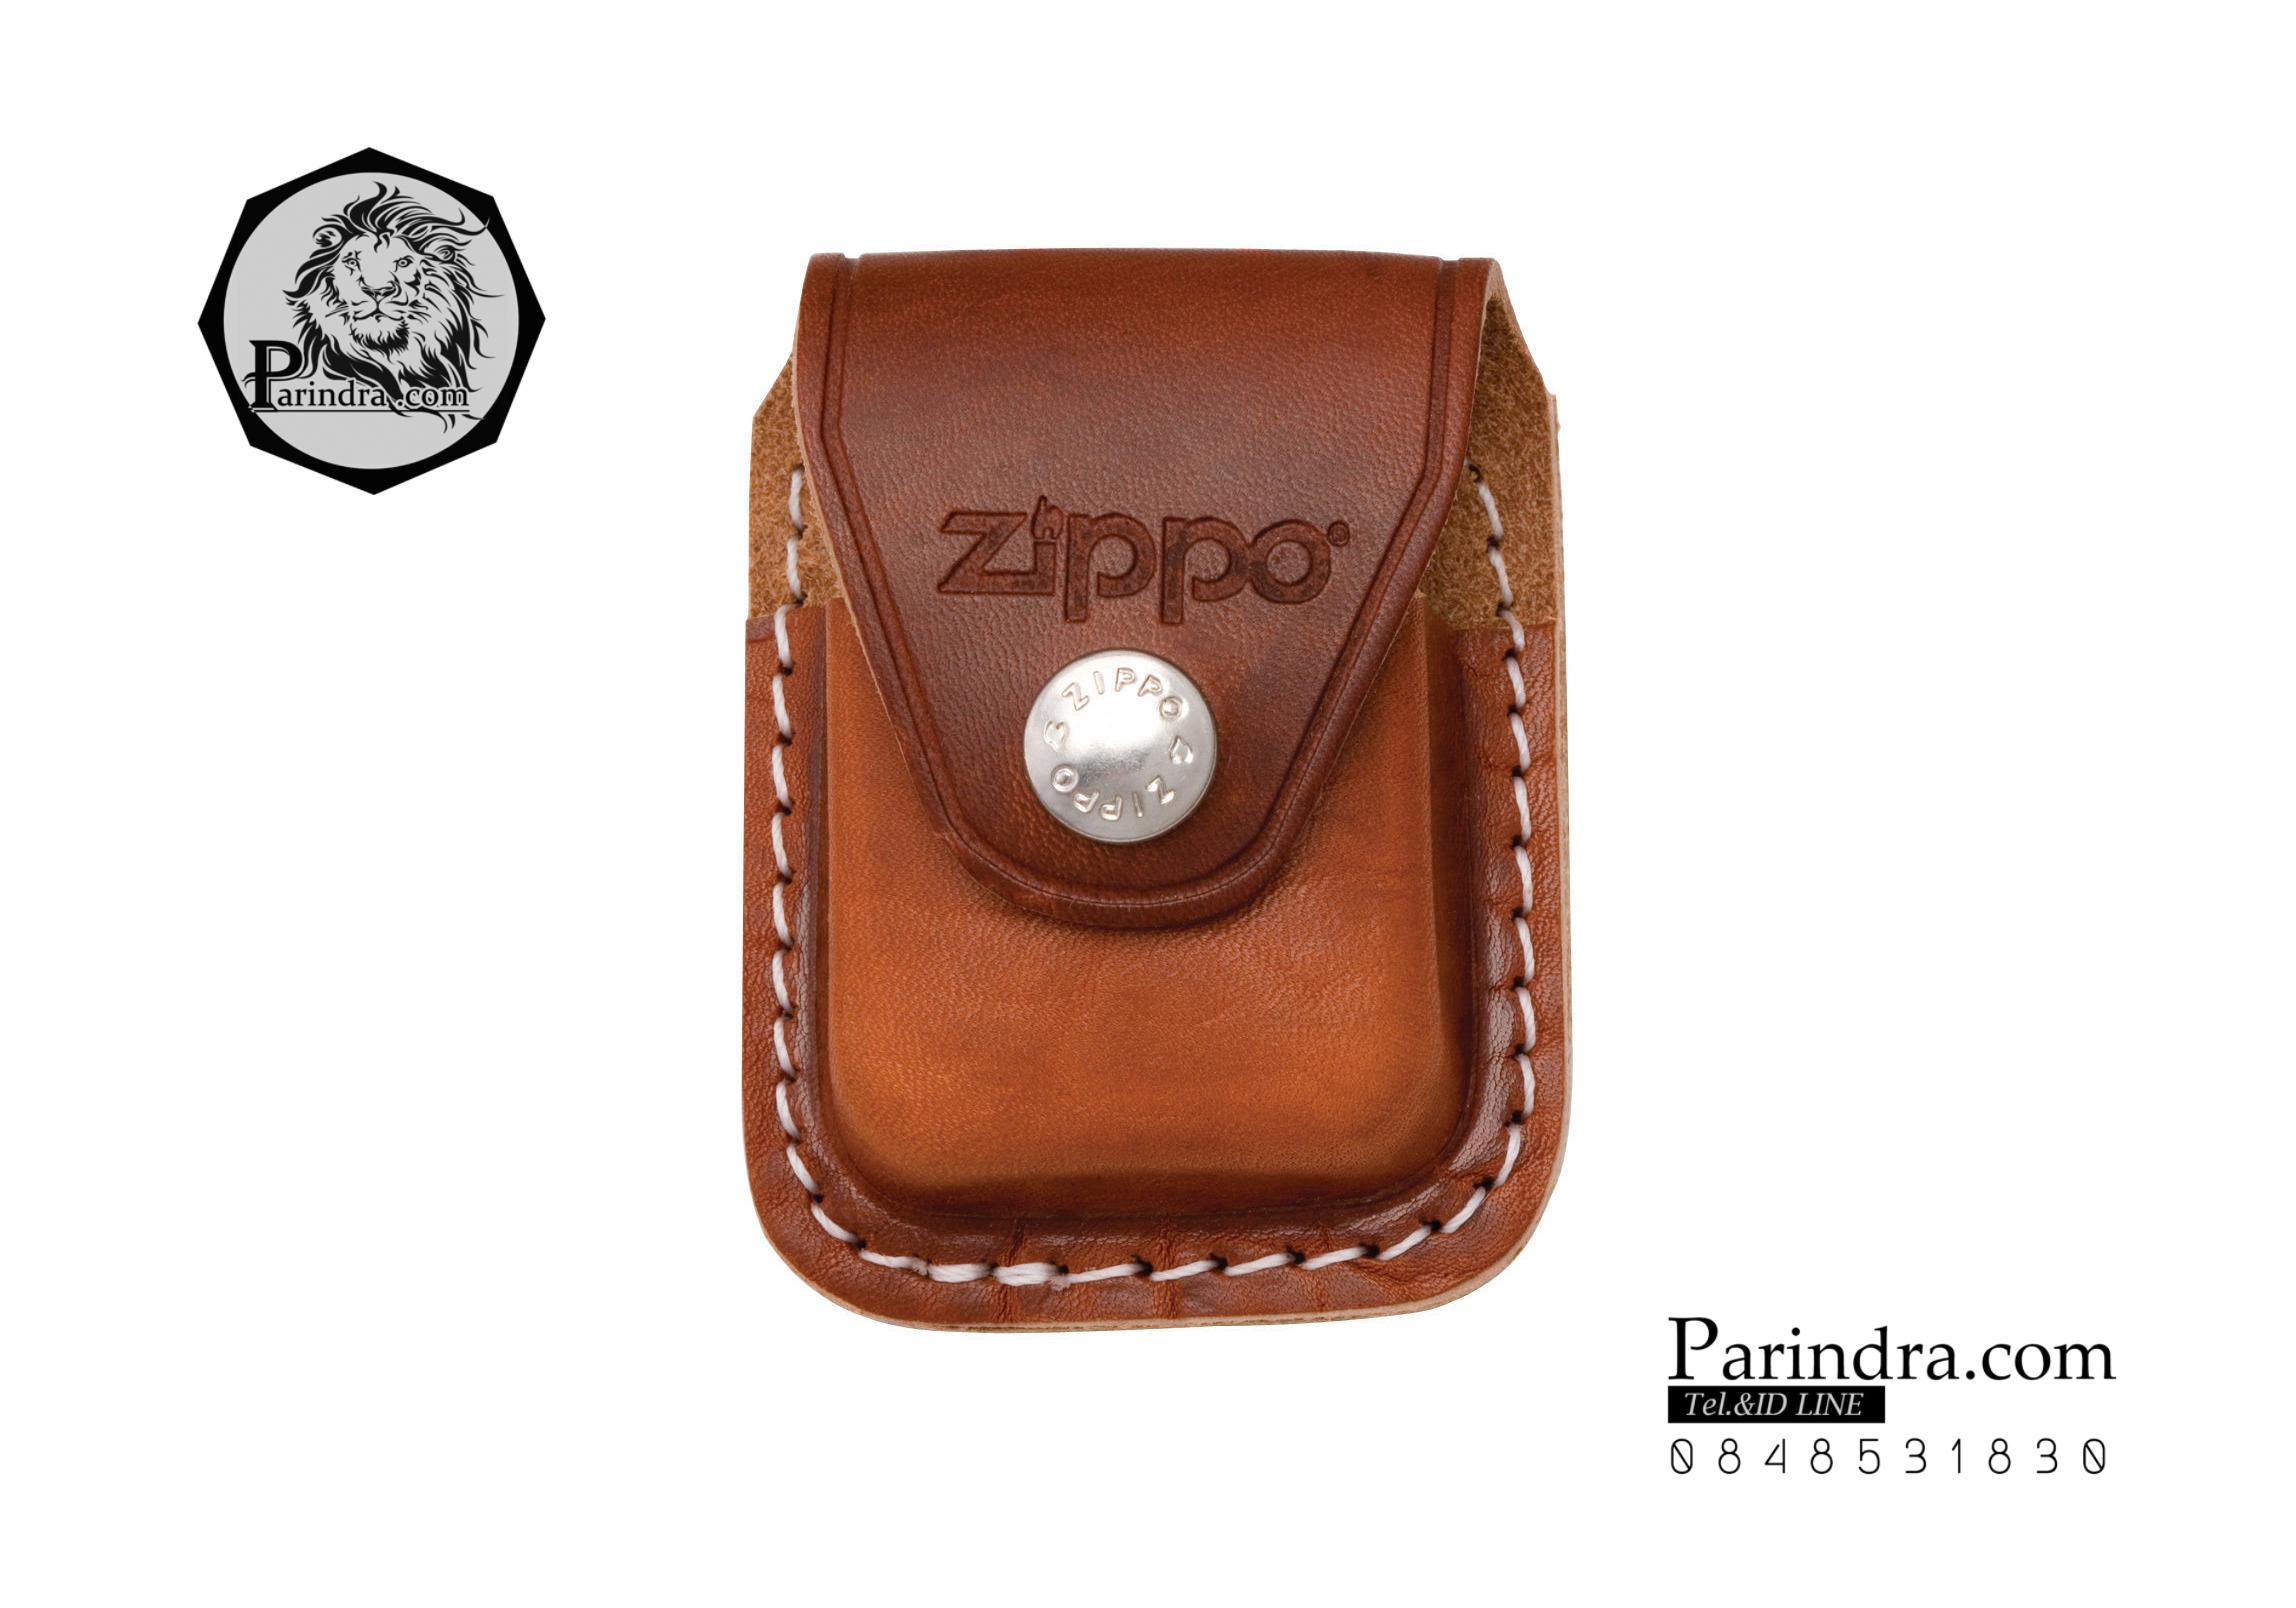 กระเป่าหนังใส่ไฟแช็ค Zippo แท้ - Genuine Zippo LPCB, Brown Leather Lighter Pouch with Clip แบบคลิปเหน็บ